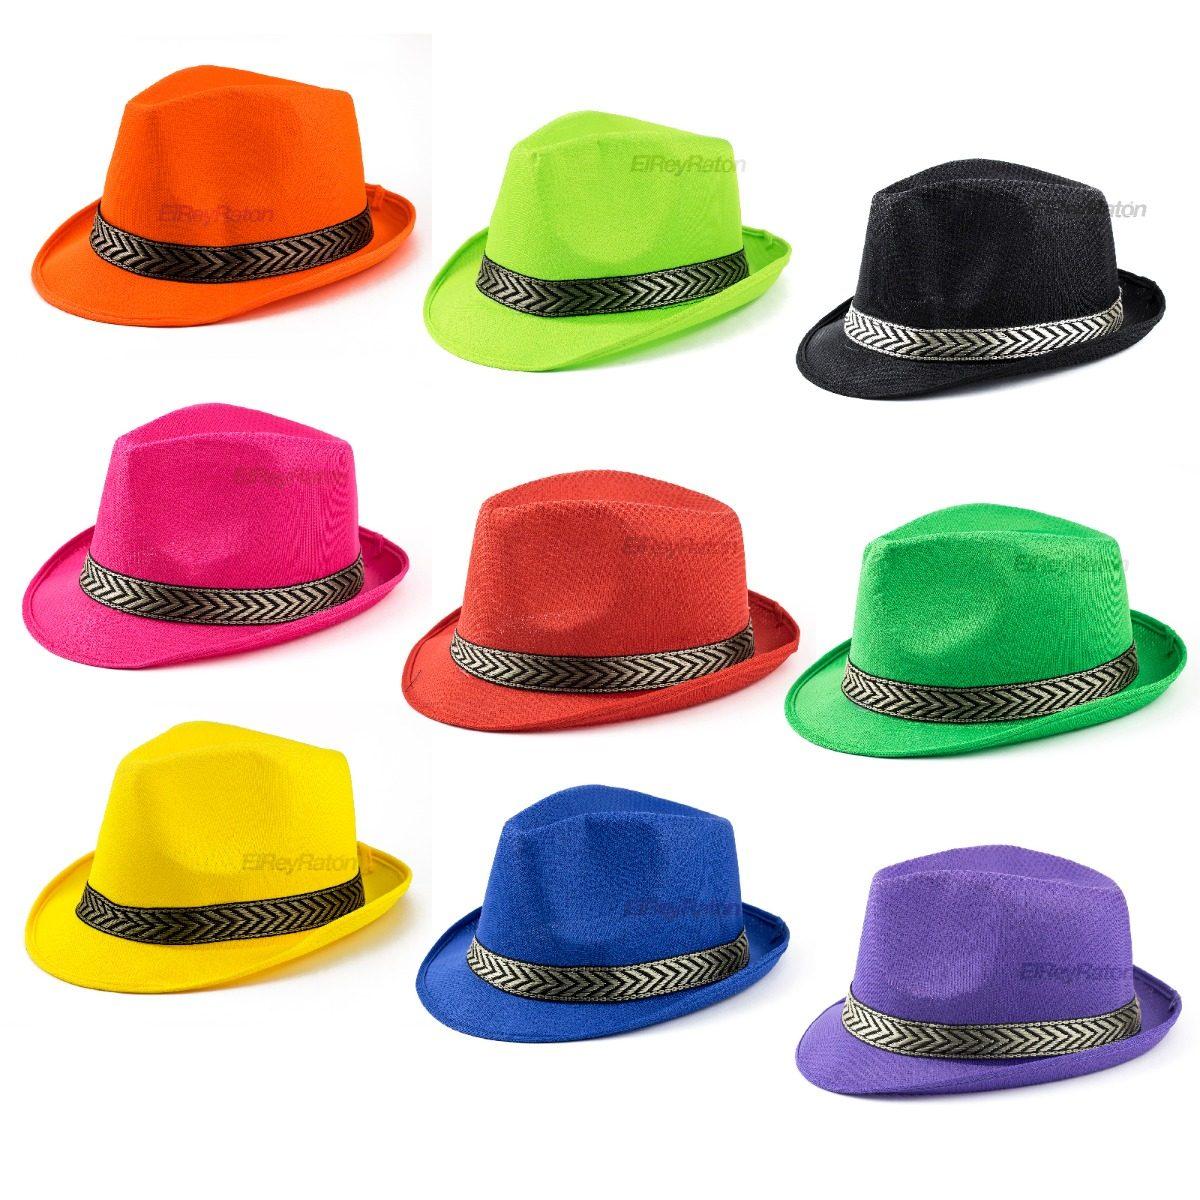 כובעי בד מסיבתיים